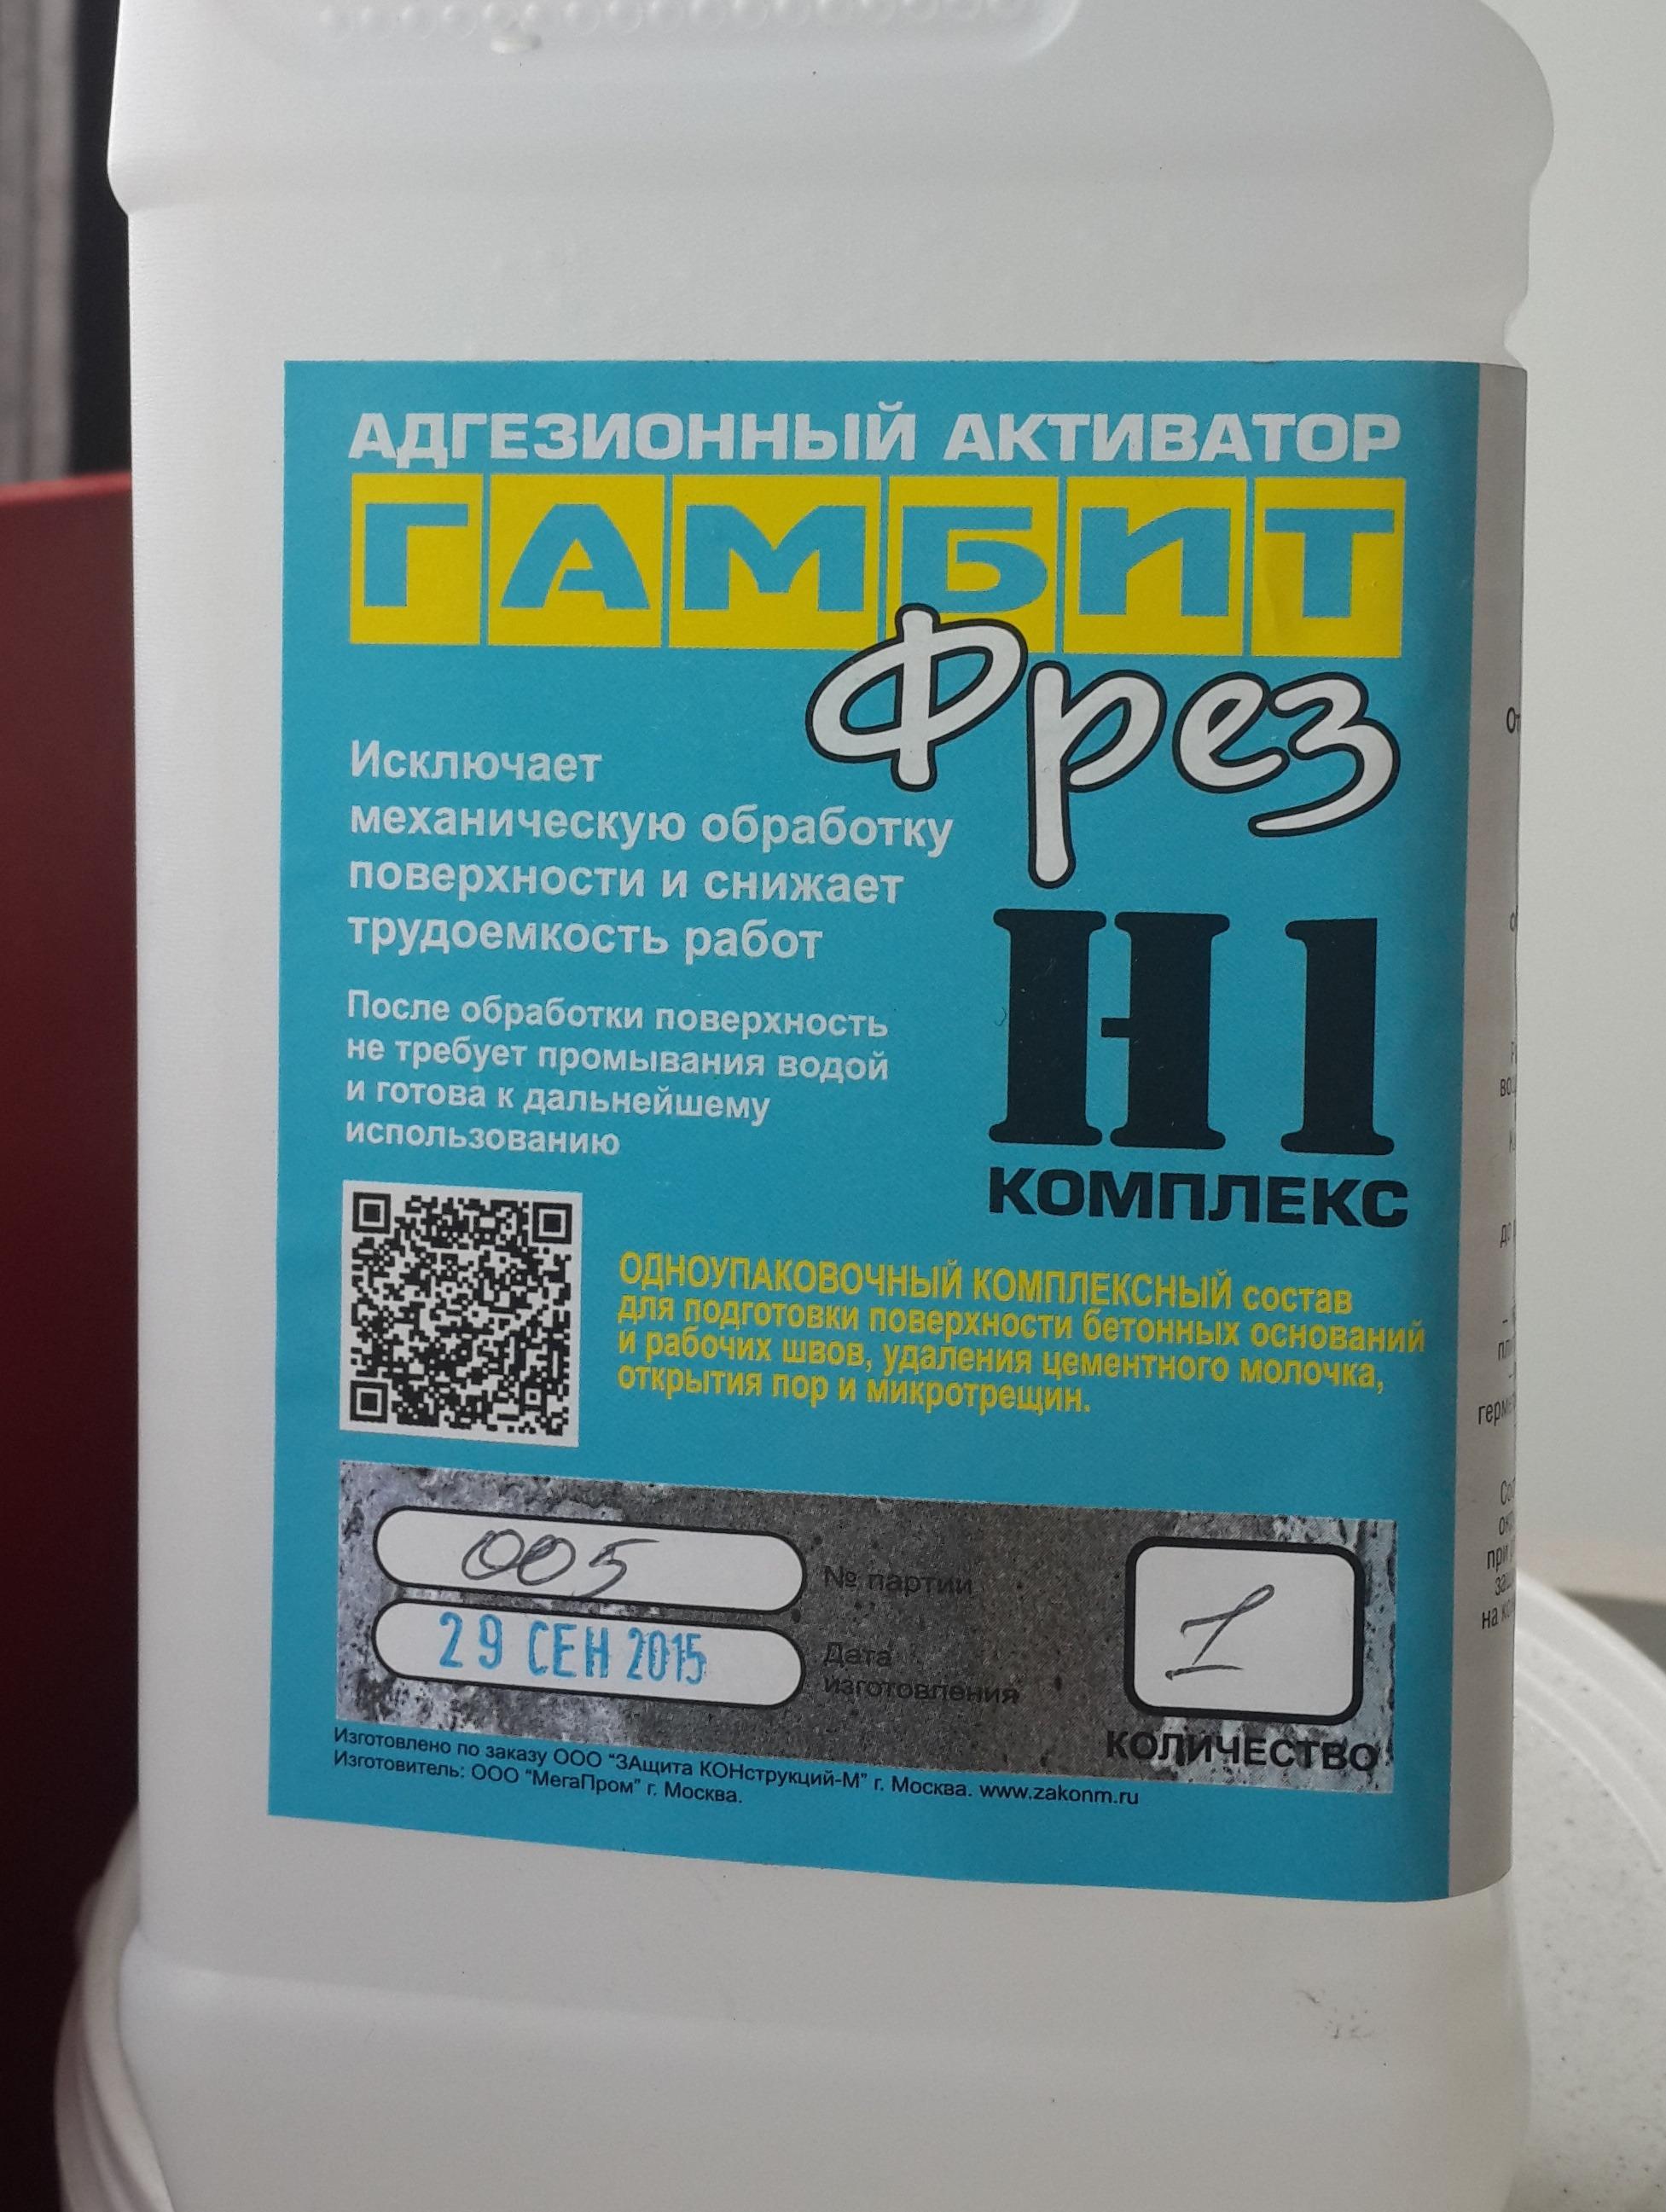 Гамбит Фрез Н1 химическая фреза и активатор адгезии